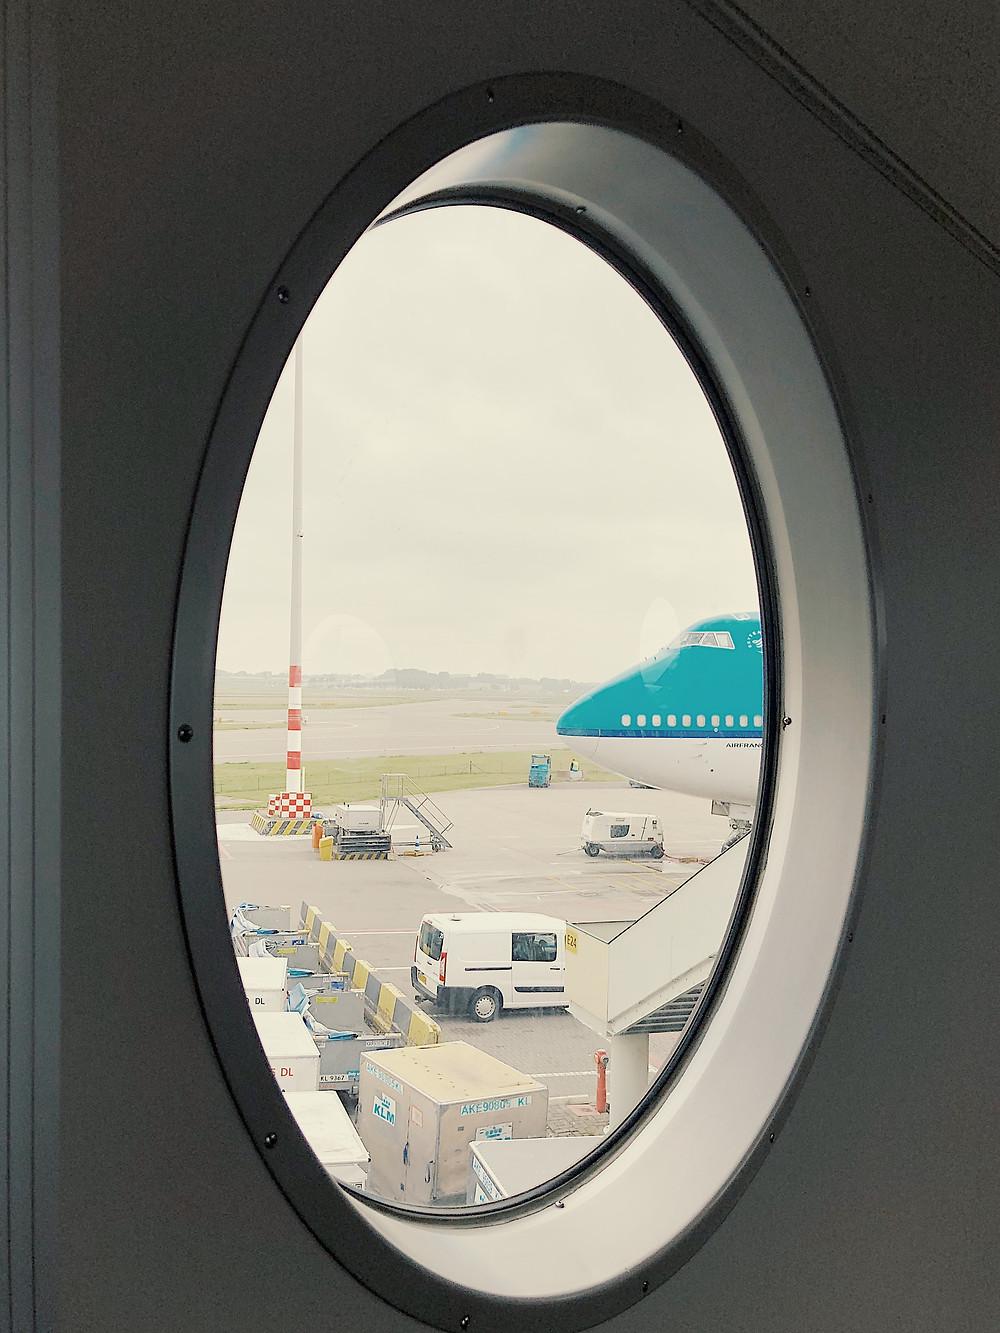 KLM Boeing 747-400ER